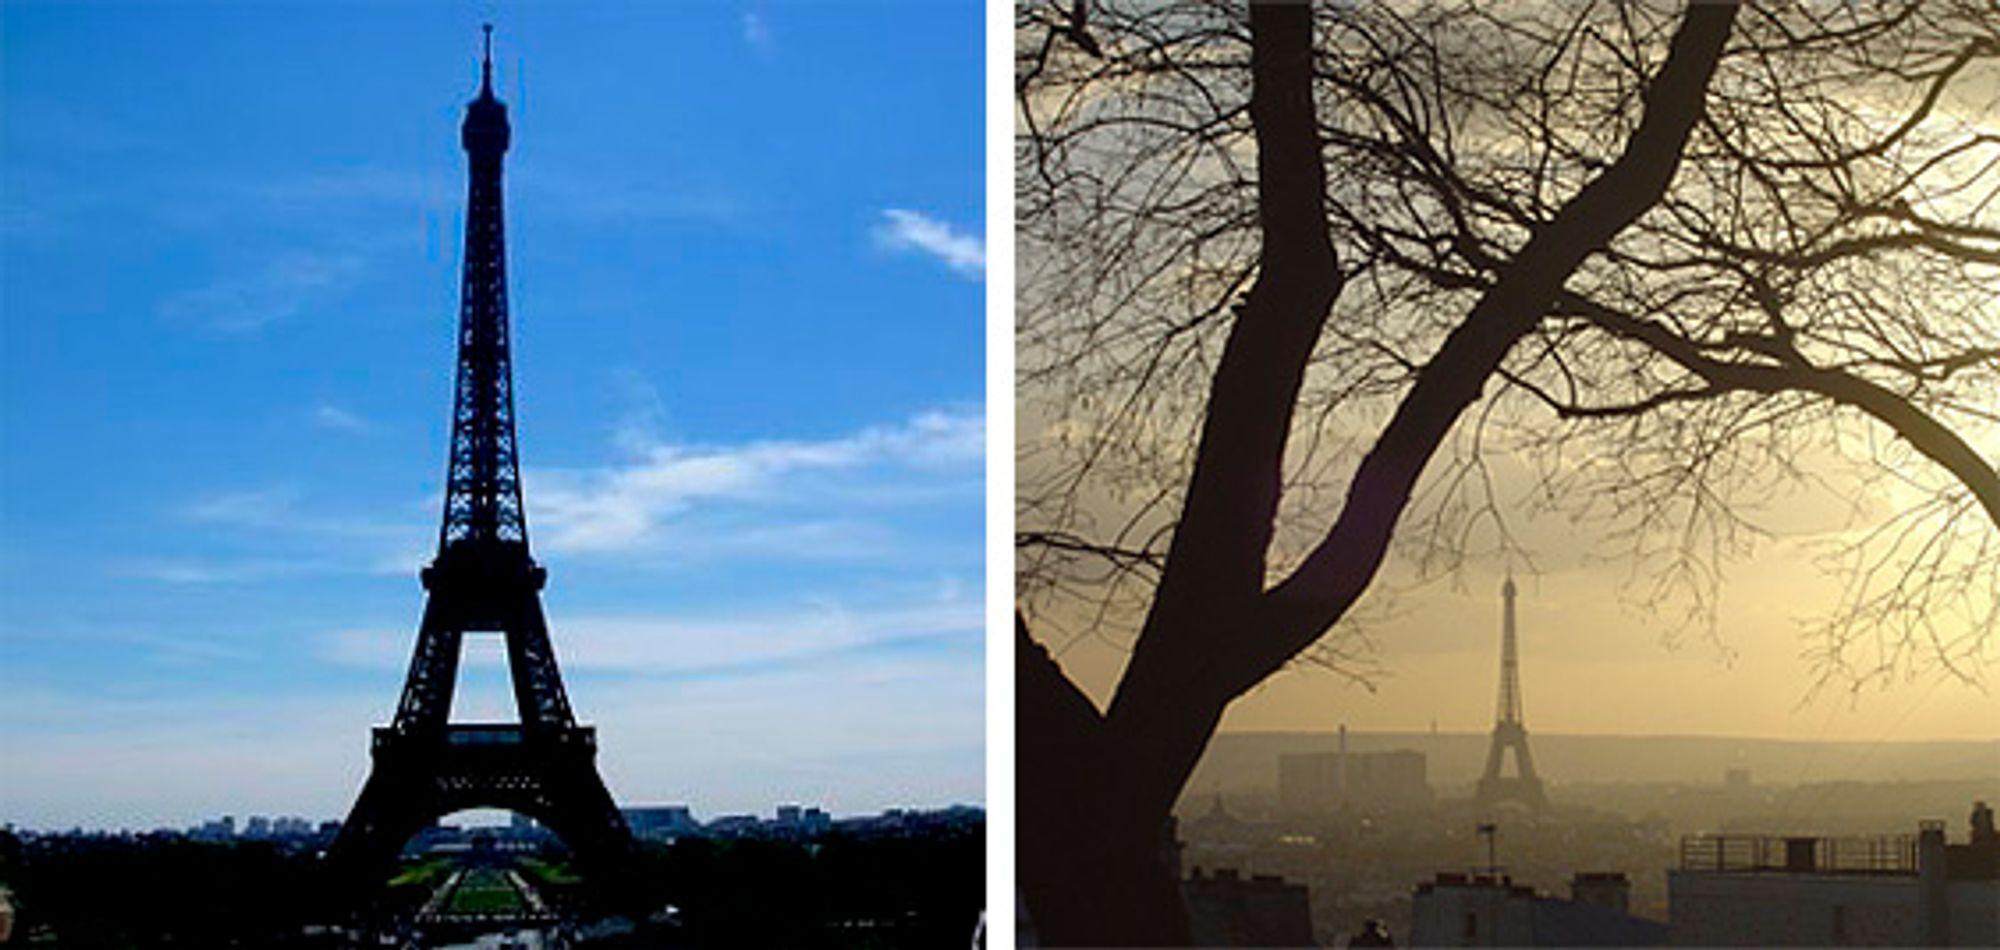 Klassisk og alternativt blikk på Eiffeltårnet. © Leila Haj-Hassan (venstre) og Hossein Khosravi (høyre)